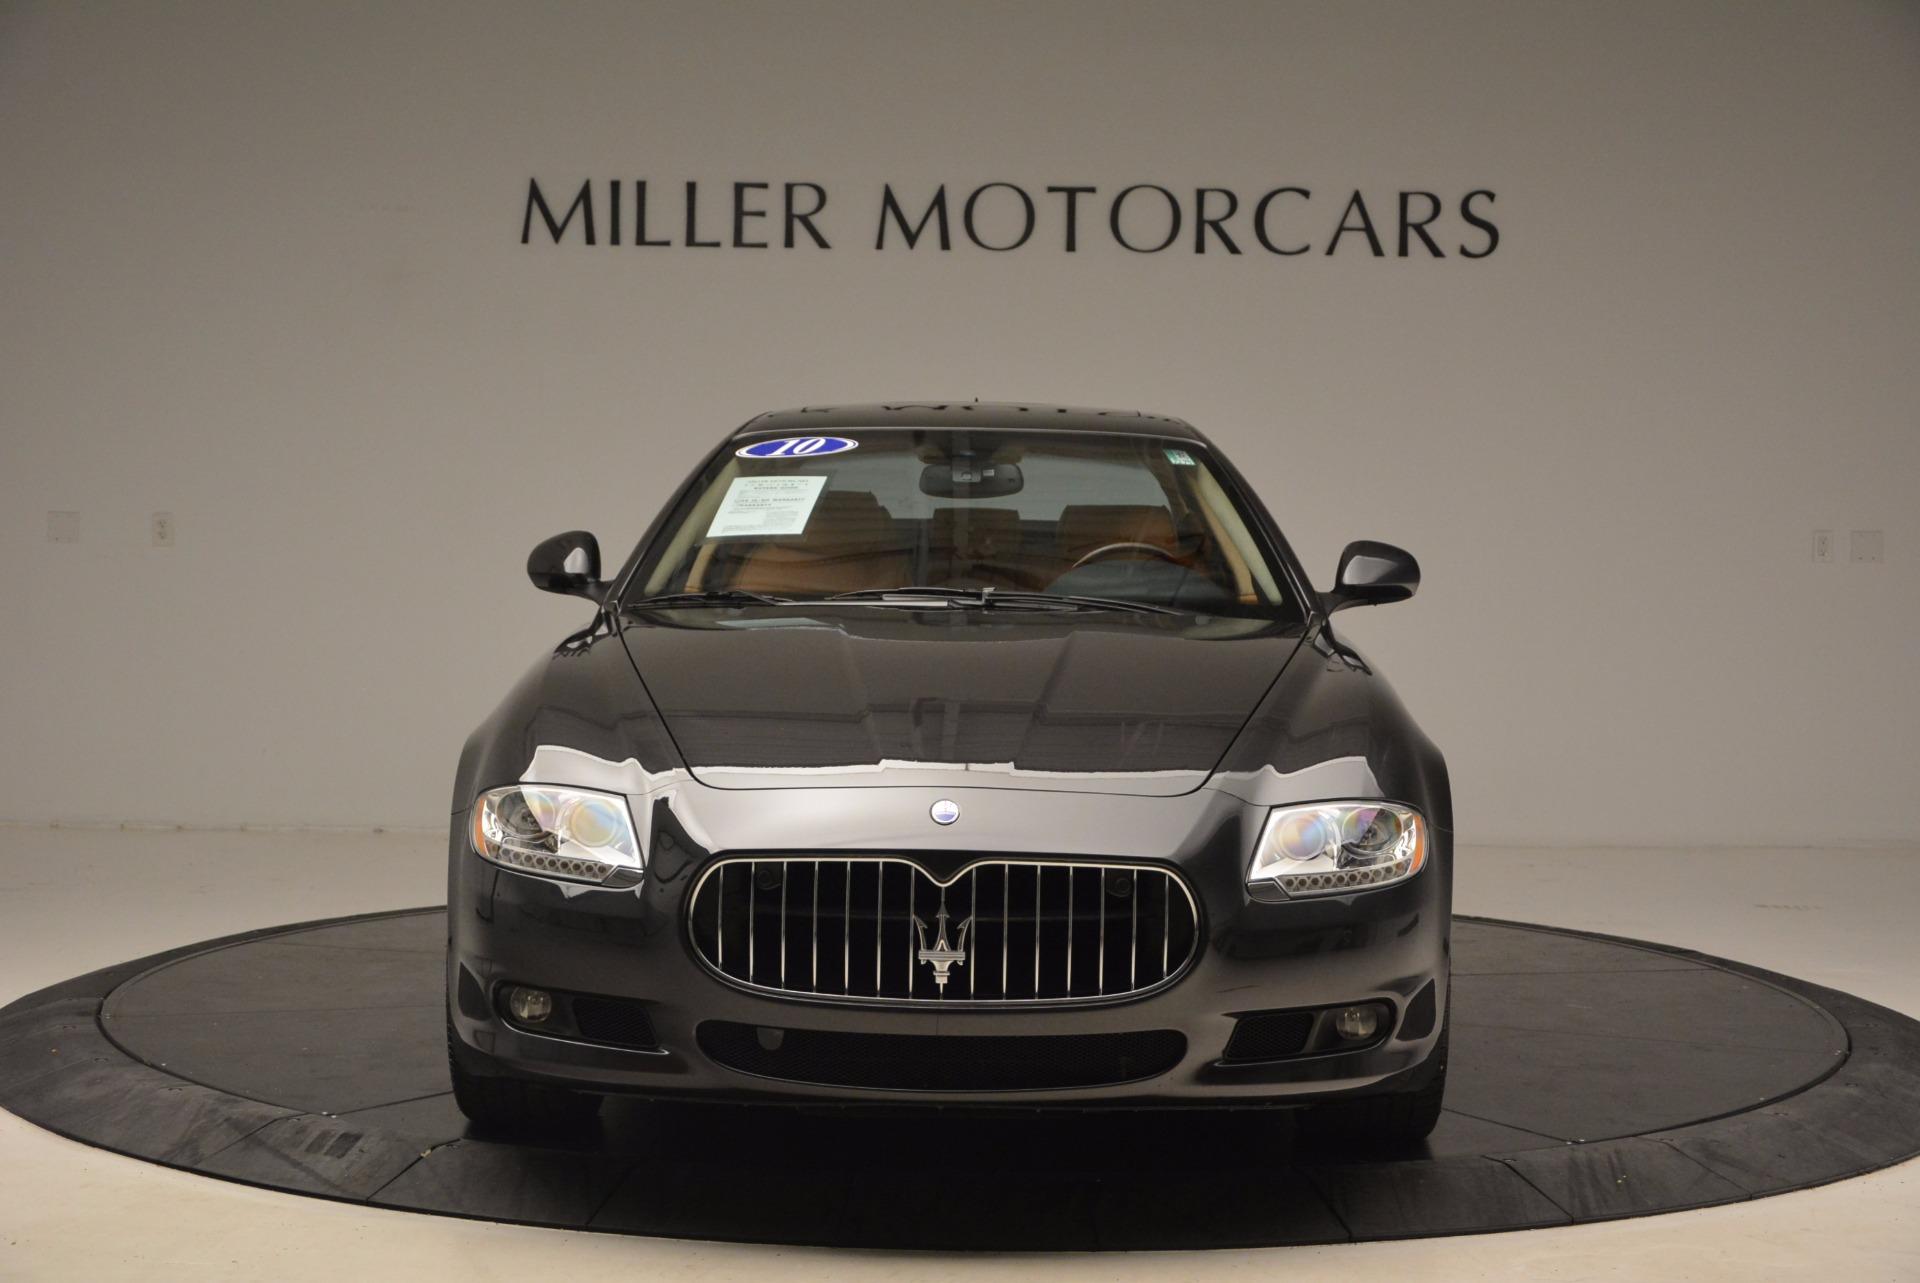 Used 2010 Maserati Quattroporte S For Sale In Greenwich, CT 1551_p24